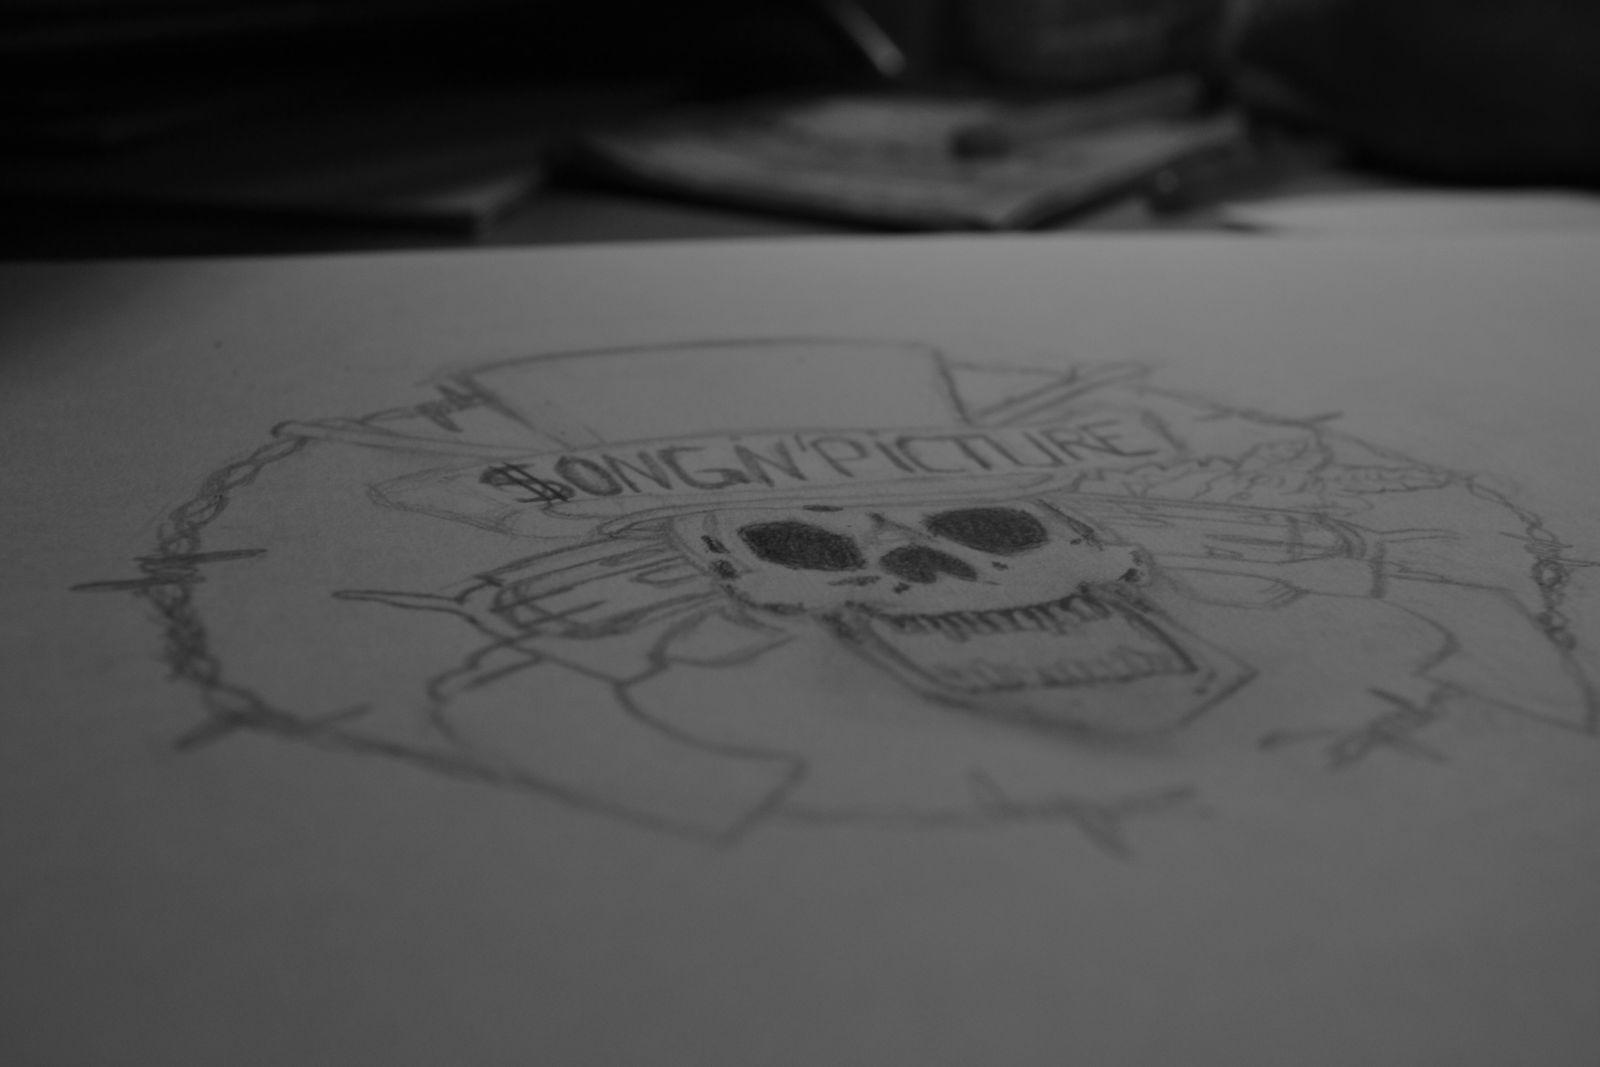 Le logo enfin fini!! Et comme toujours j'ai pris le logo de Guns'N Roses et je l'ai personnalisée!!